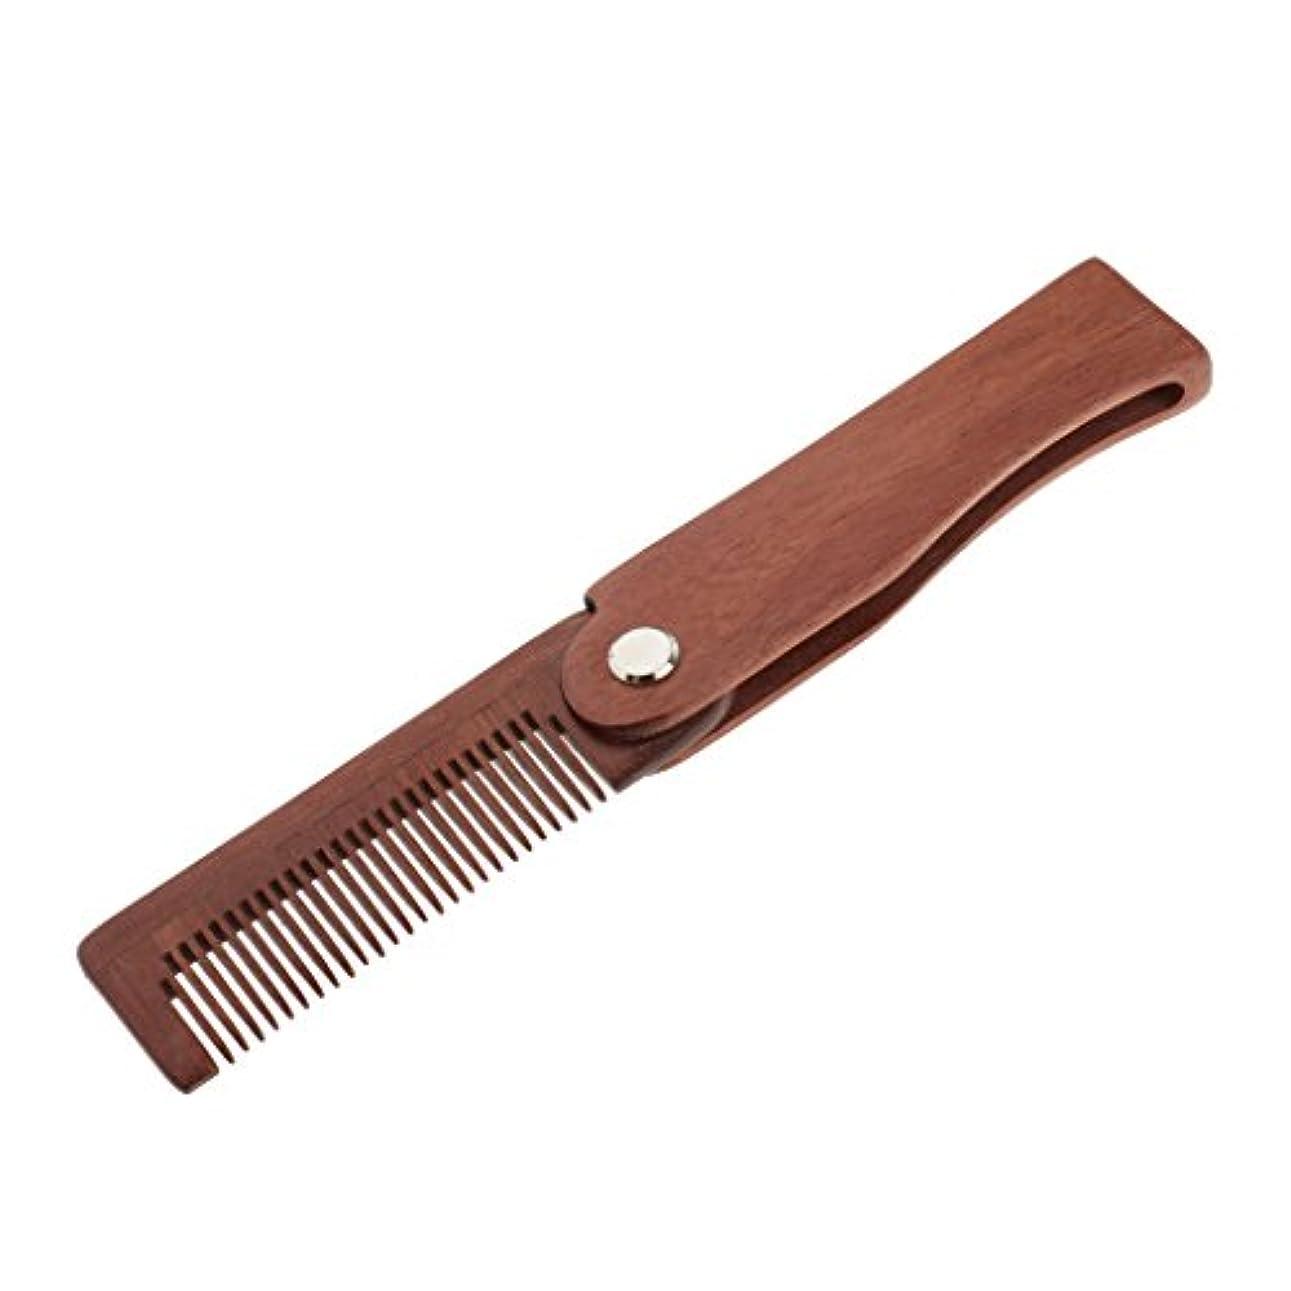 ディスカウント重さ逮捕ひげ剃り櫛 木製櫛 折りたたみ コーム メンズ 髭剃り 便利 旅行小物